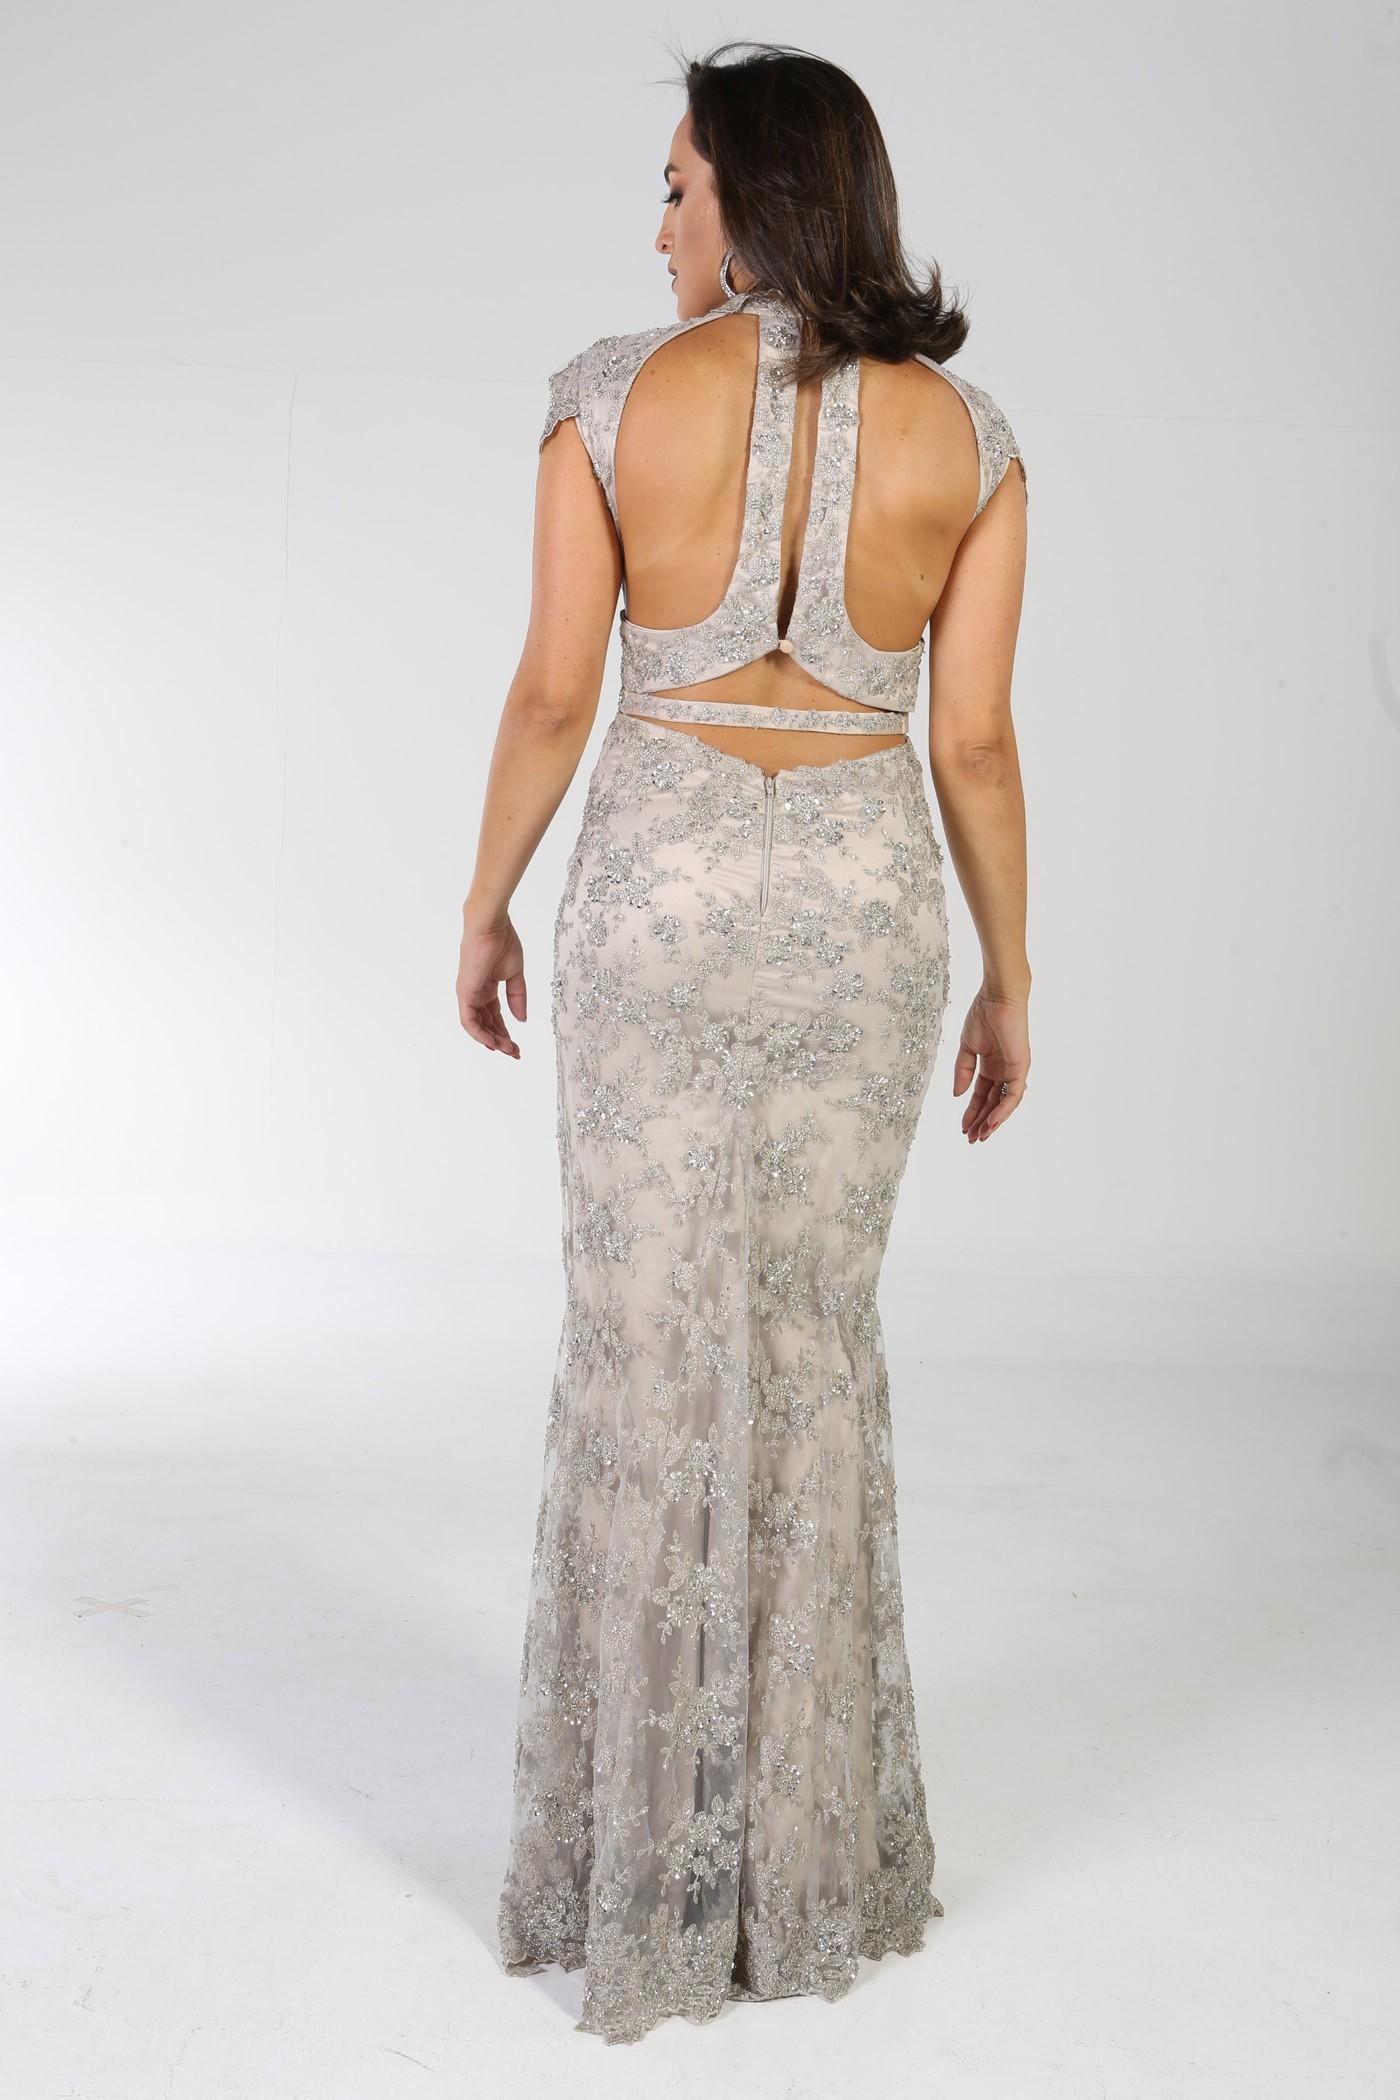 207a06783 Aluguel Fabulous Agilita - Silver - Aluguel de Vestidos